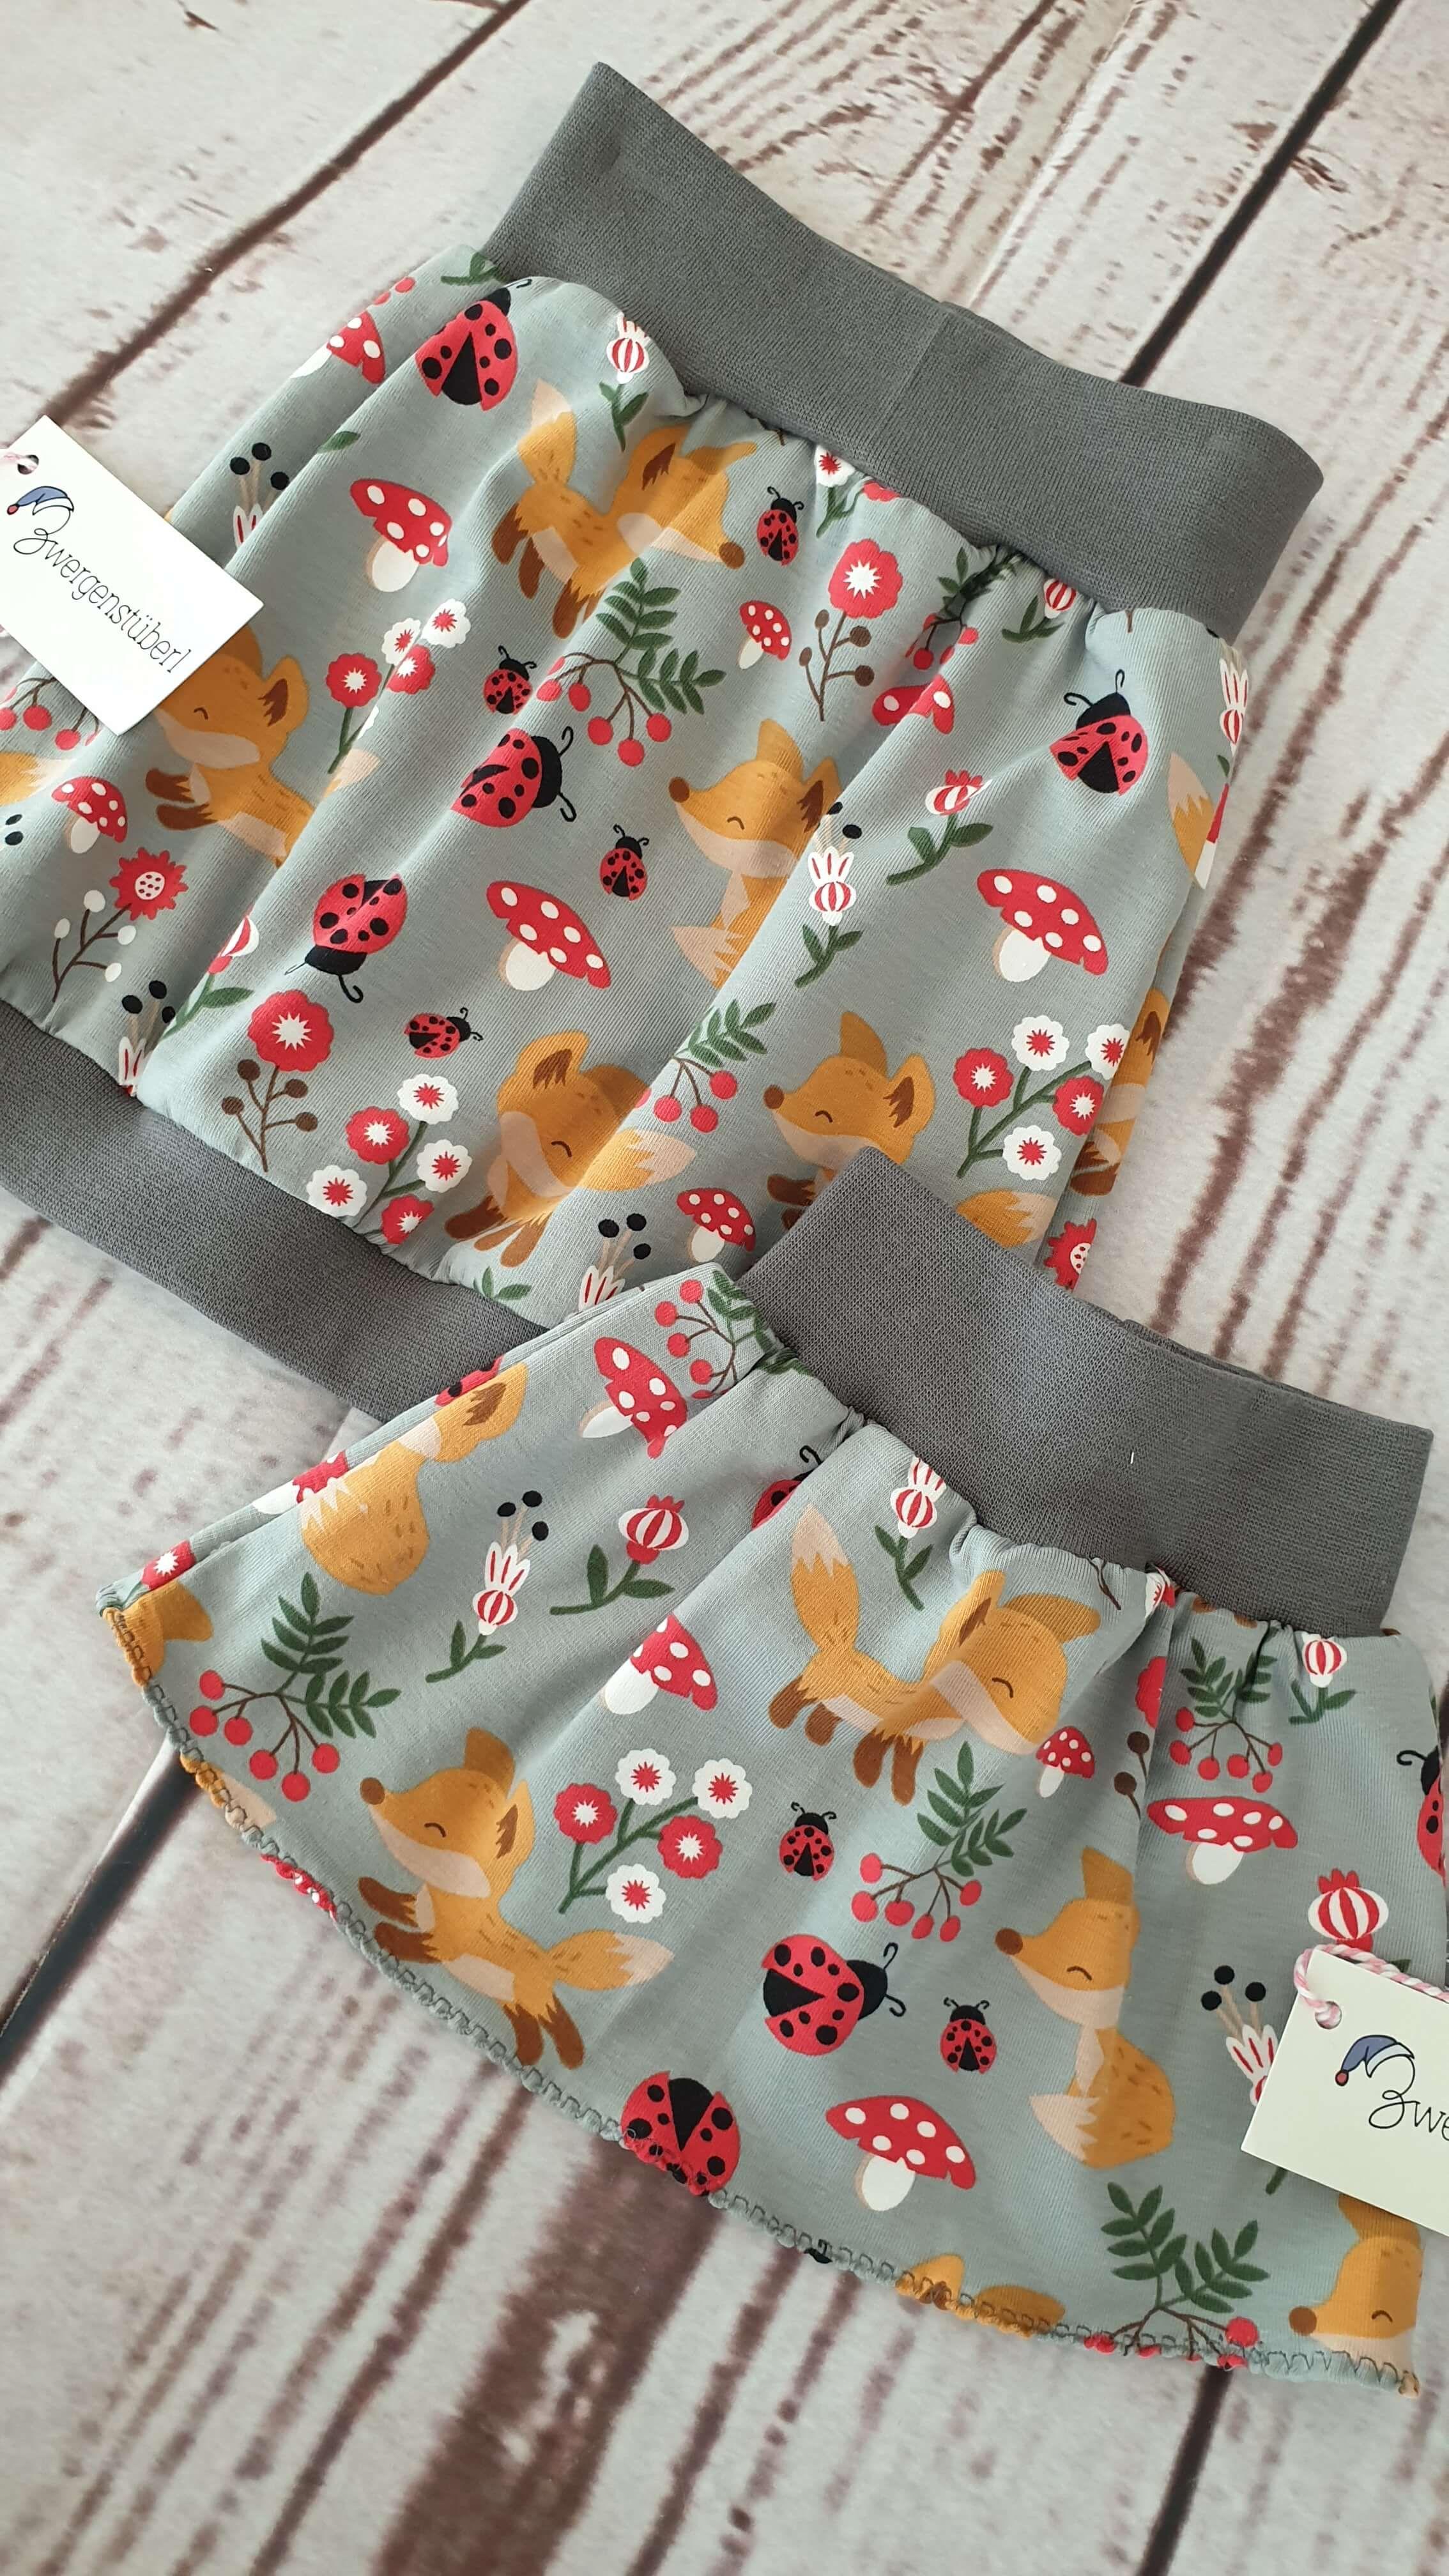 Herbst Röcke Für Klein Und Groß Kinder Kleidung Nähen Mädchen Kleider Nähen Kind Kleid Nähen